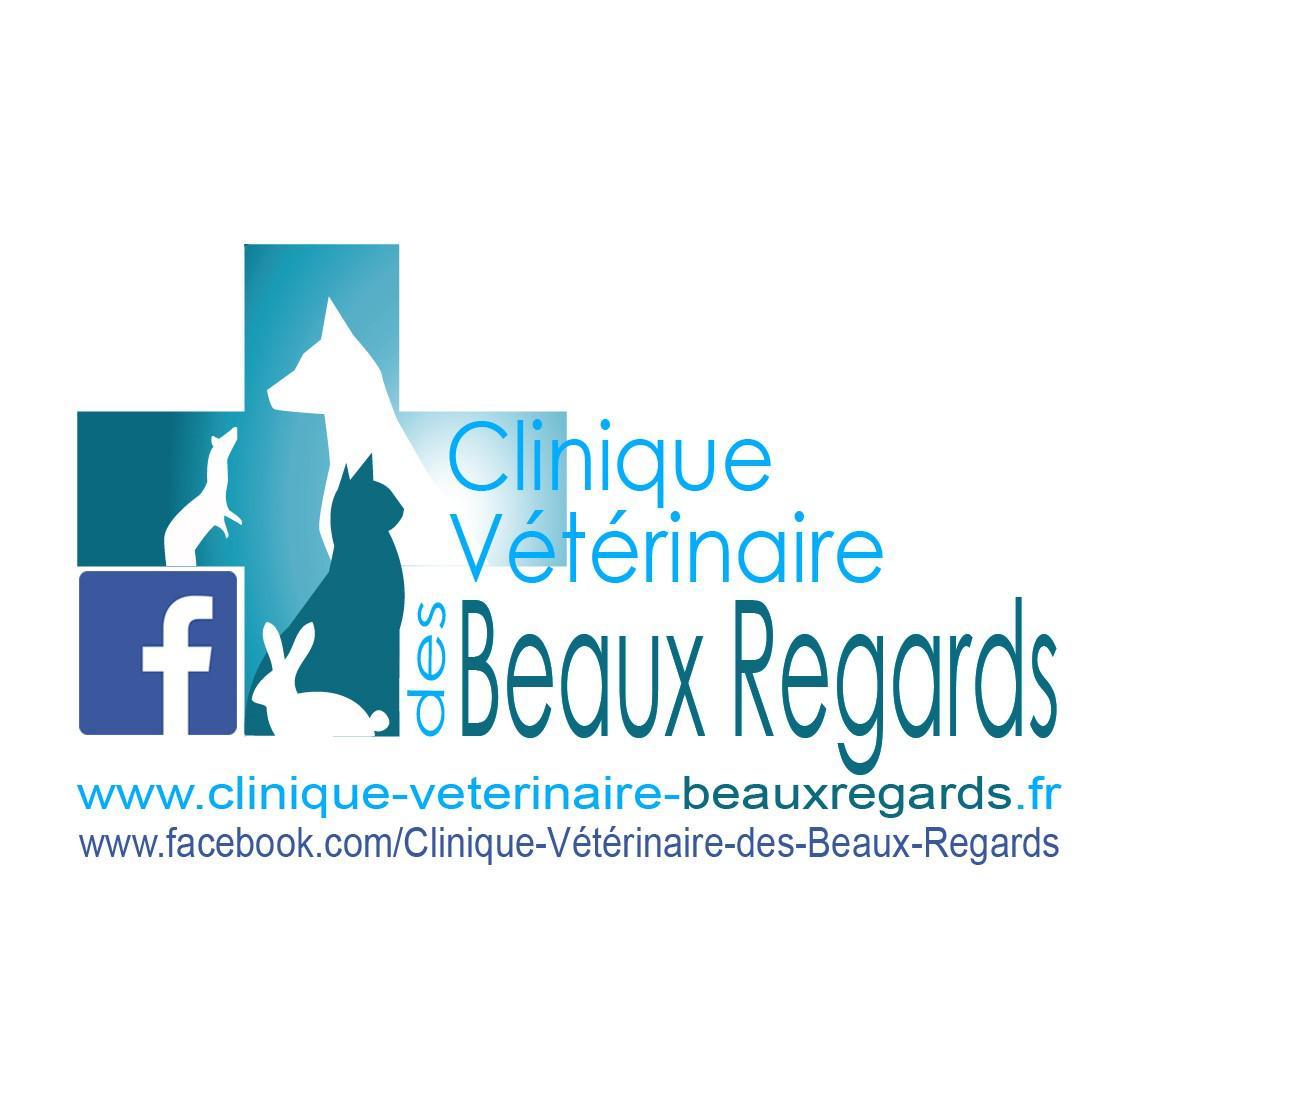 Clinique vétérinaire des Beaux Regards vétérinaire